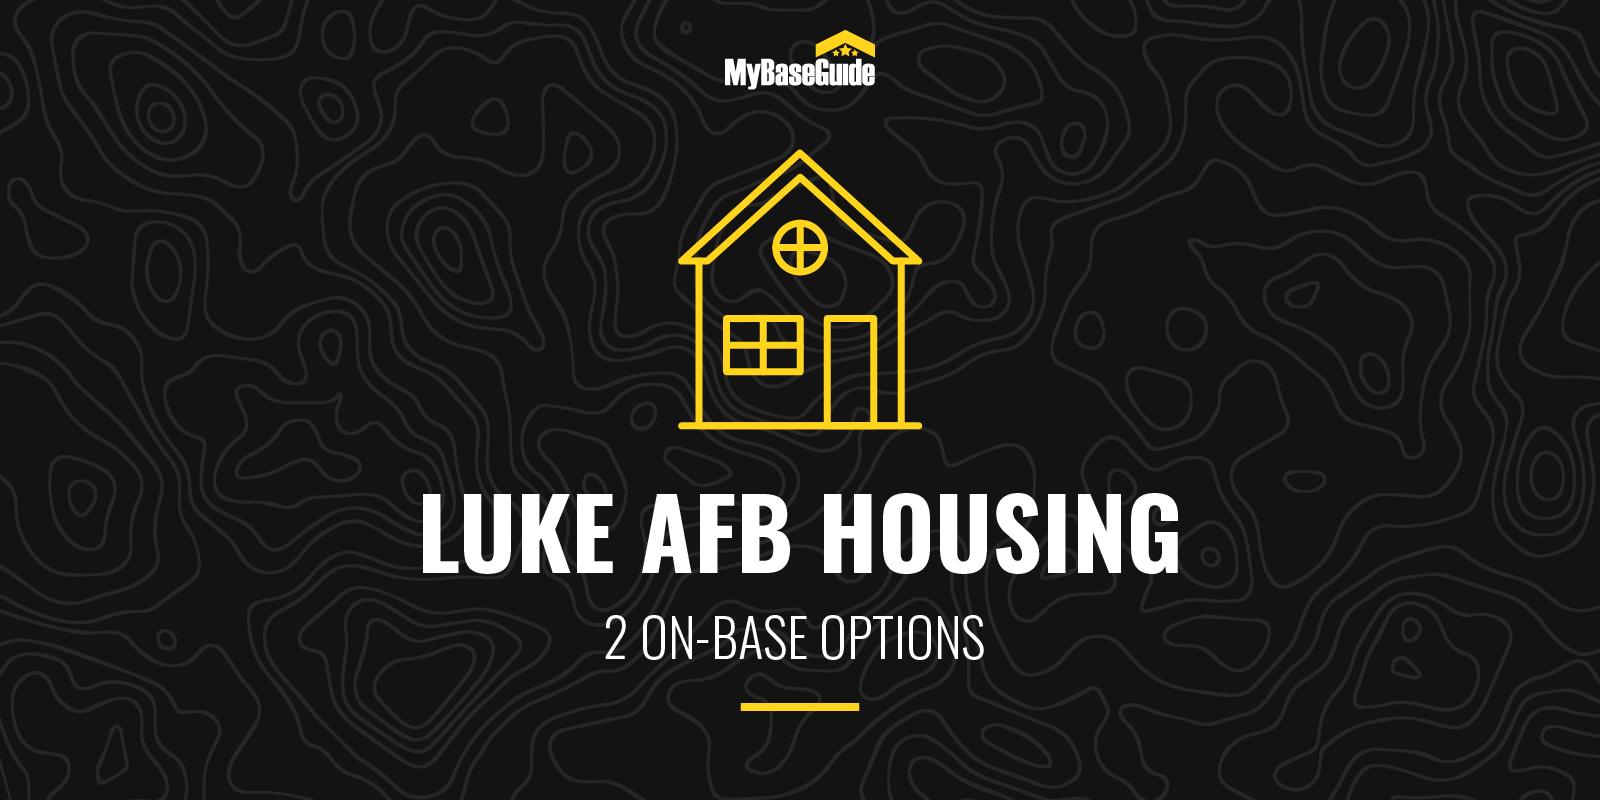 Luke AFB Housing: 2 On-Base Options